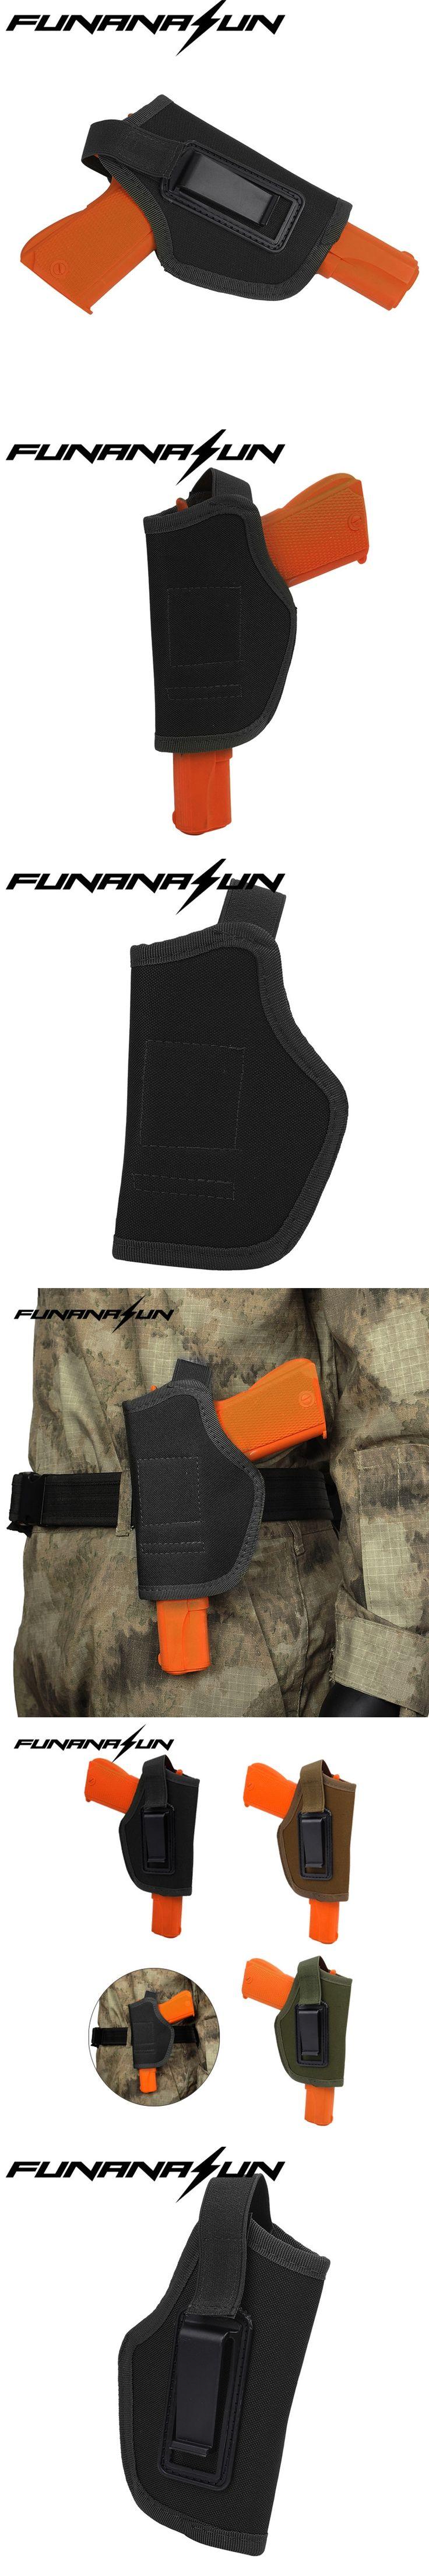 IWB Holster Inside Waistband Concealed Belt Pistol Holster for GLOCK 17 19 22 23 32 33 Ruger Nylon Gun Holster